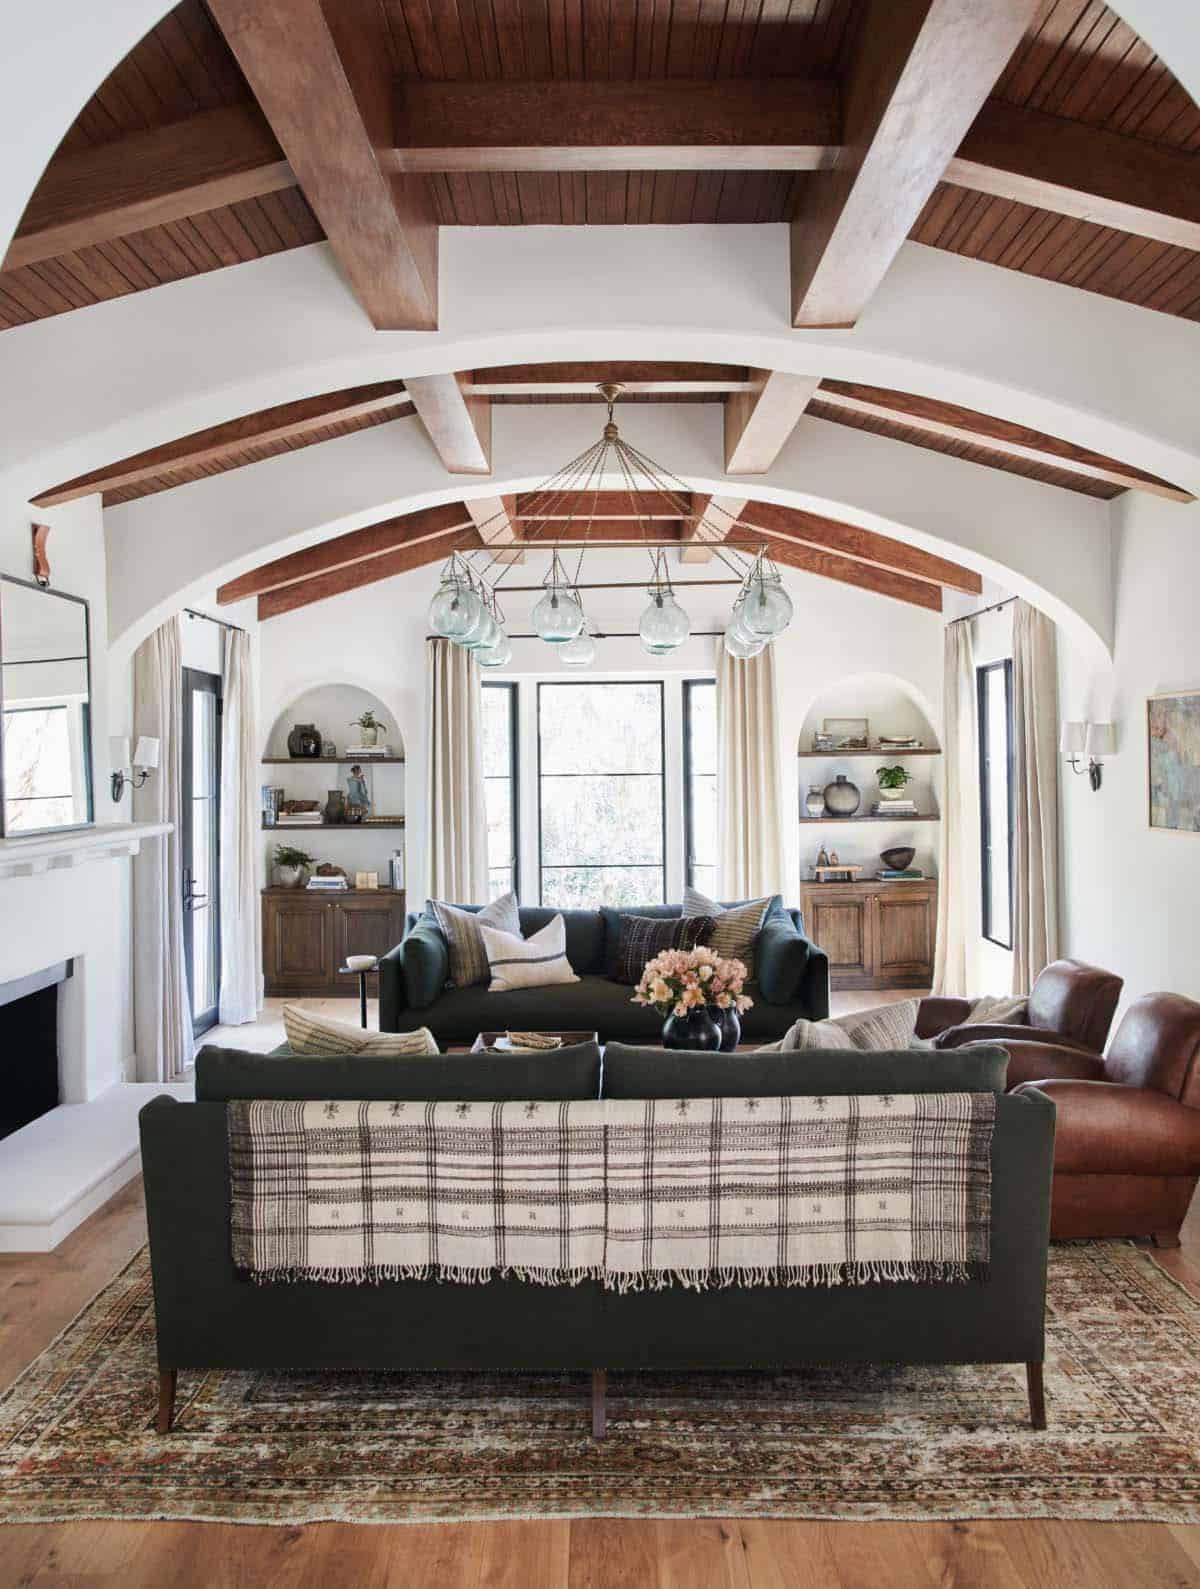 spanish-revival-dream-house-living-room